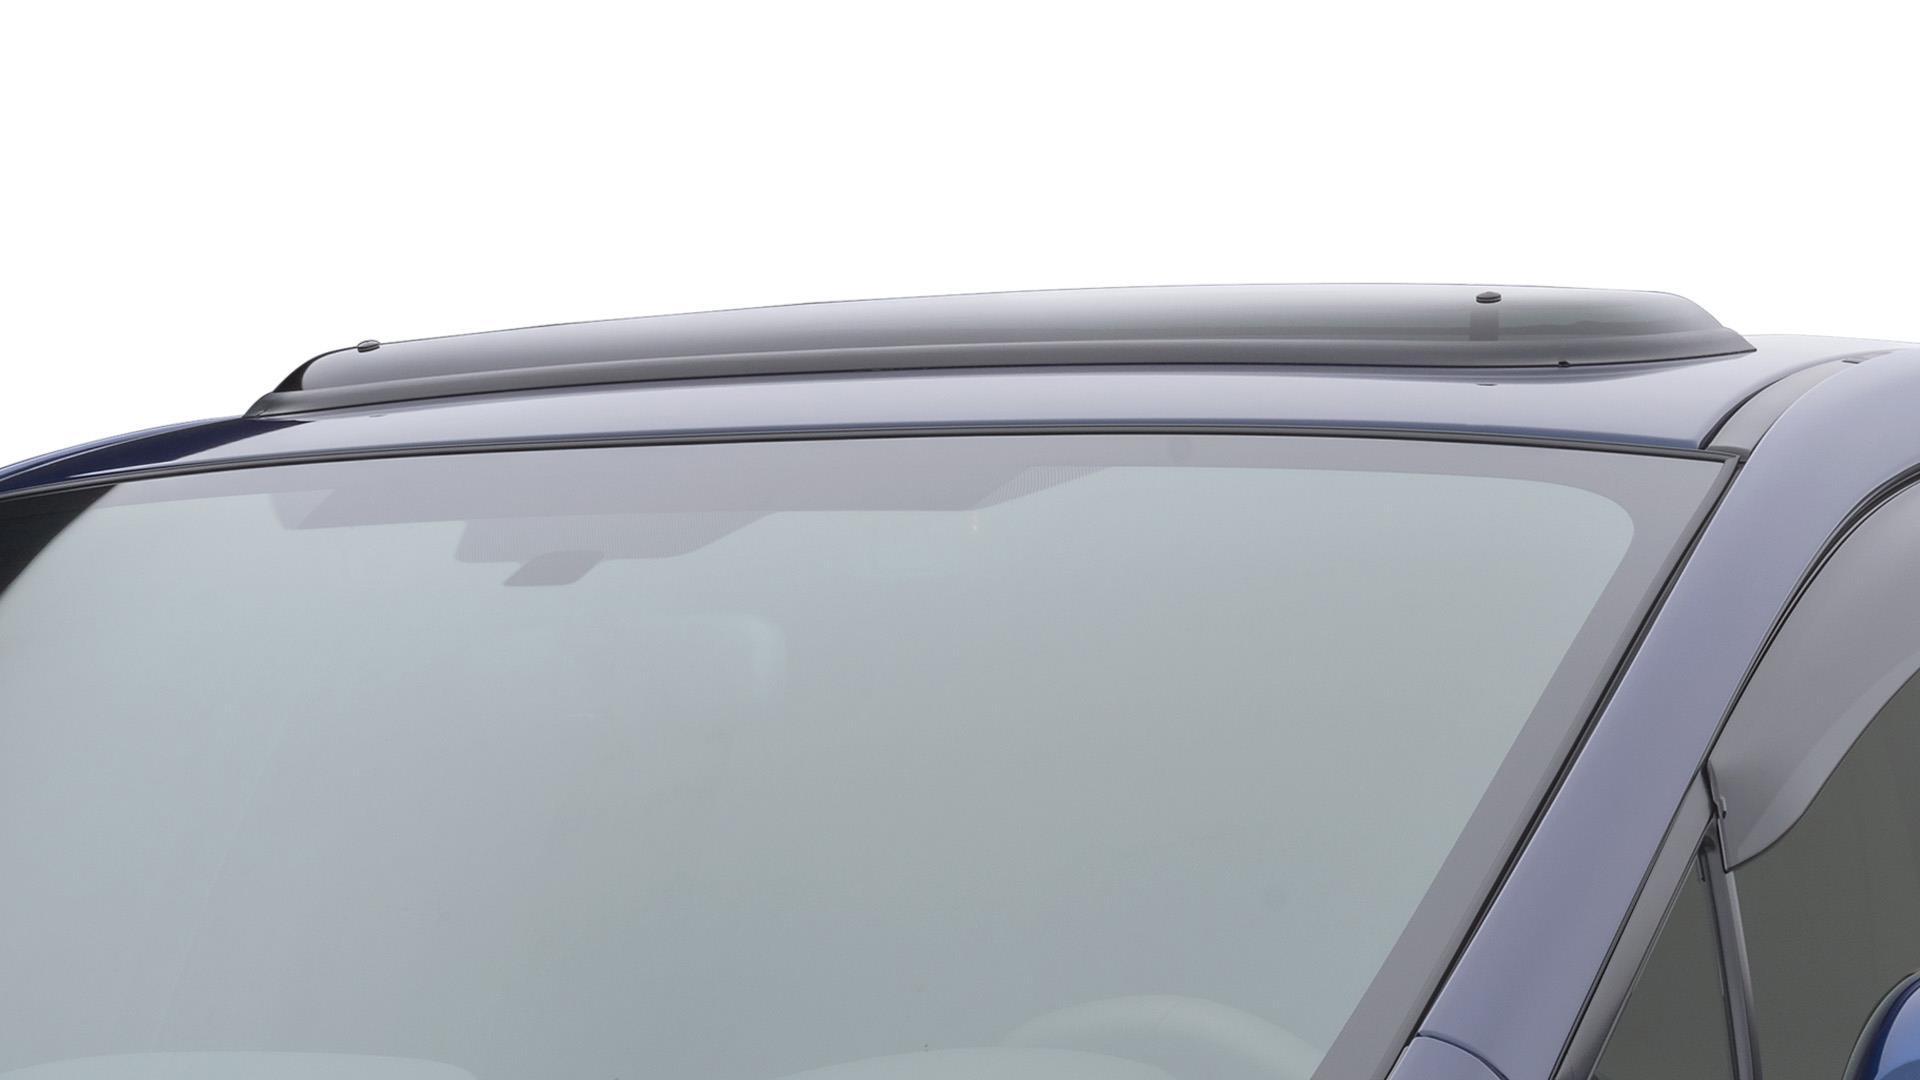 2016 Subaru Moon Roof Air Deflector Moonroof Air